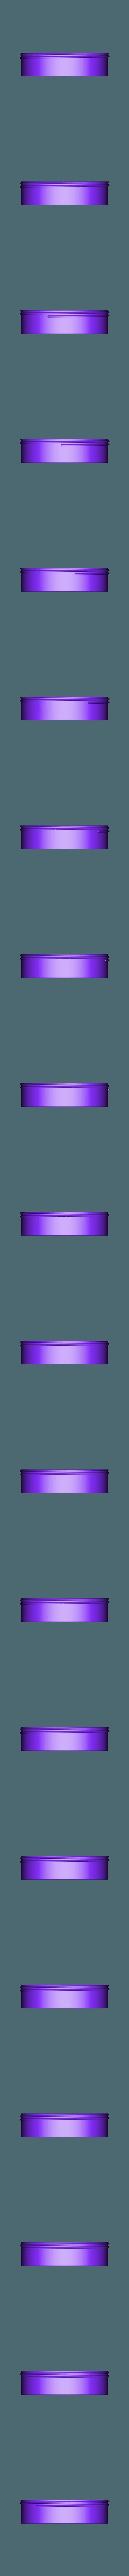 Case_v1.STL Télécharger fichier STL gratuit Boîte pour papier abrasif • Plan imprimable en 3D, perinski